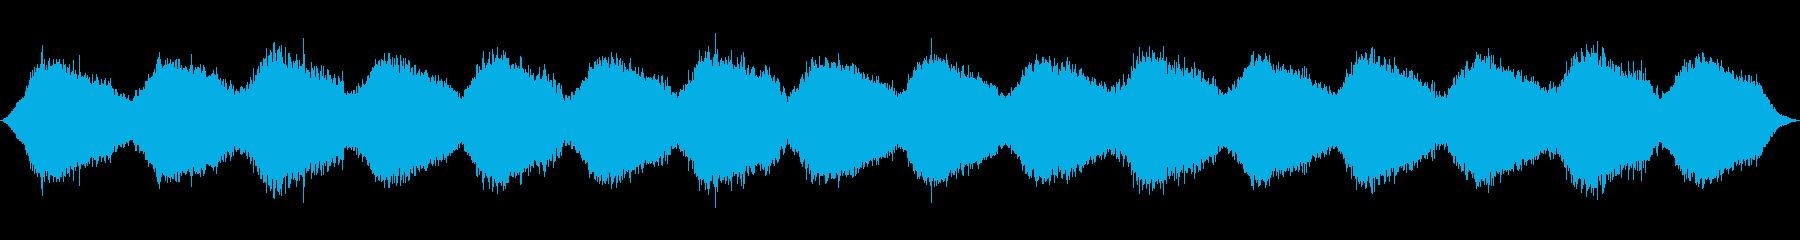 幻想的なヒーリング・アンビエントの再生済みの波形